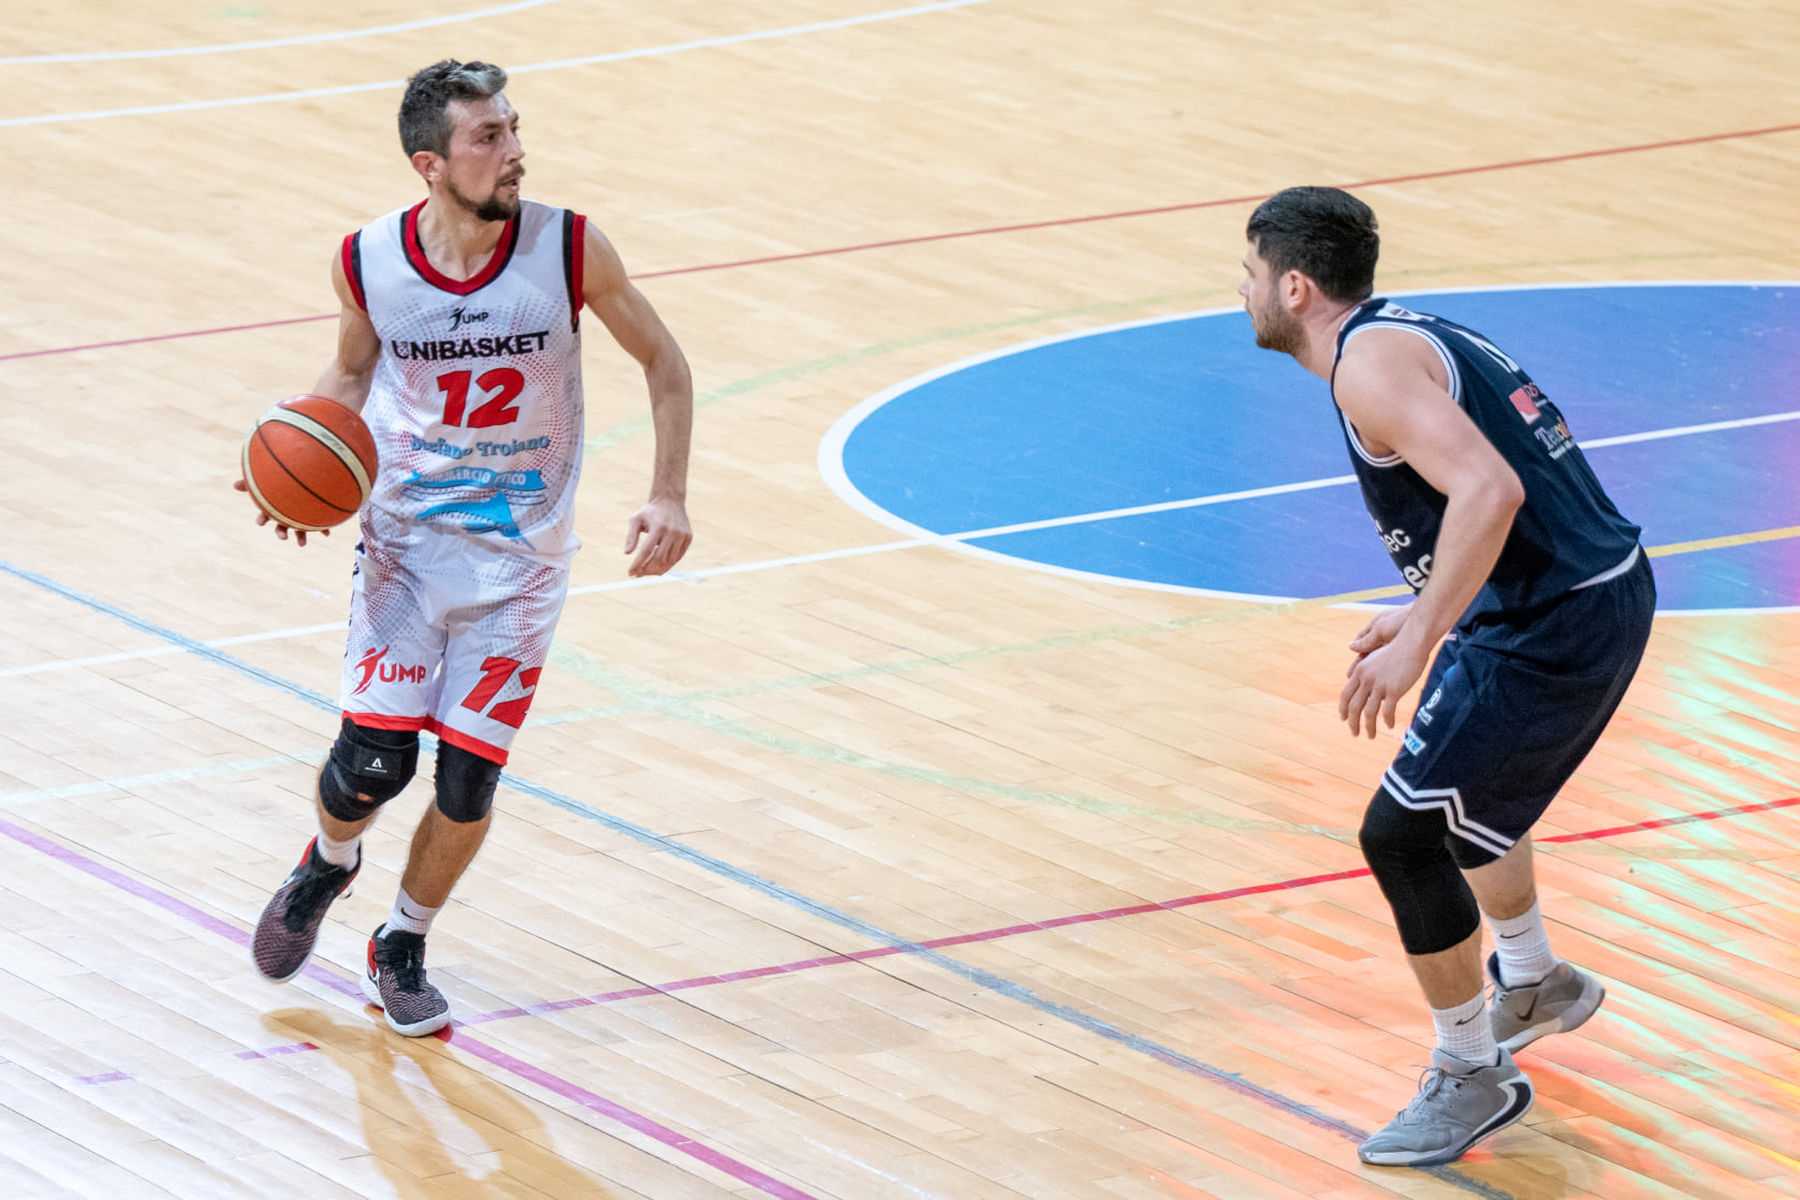 Il play dell'Unibasket Ucci: «A Pesaro pronti a una battaglia»